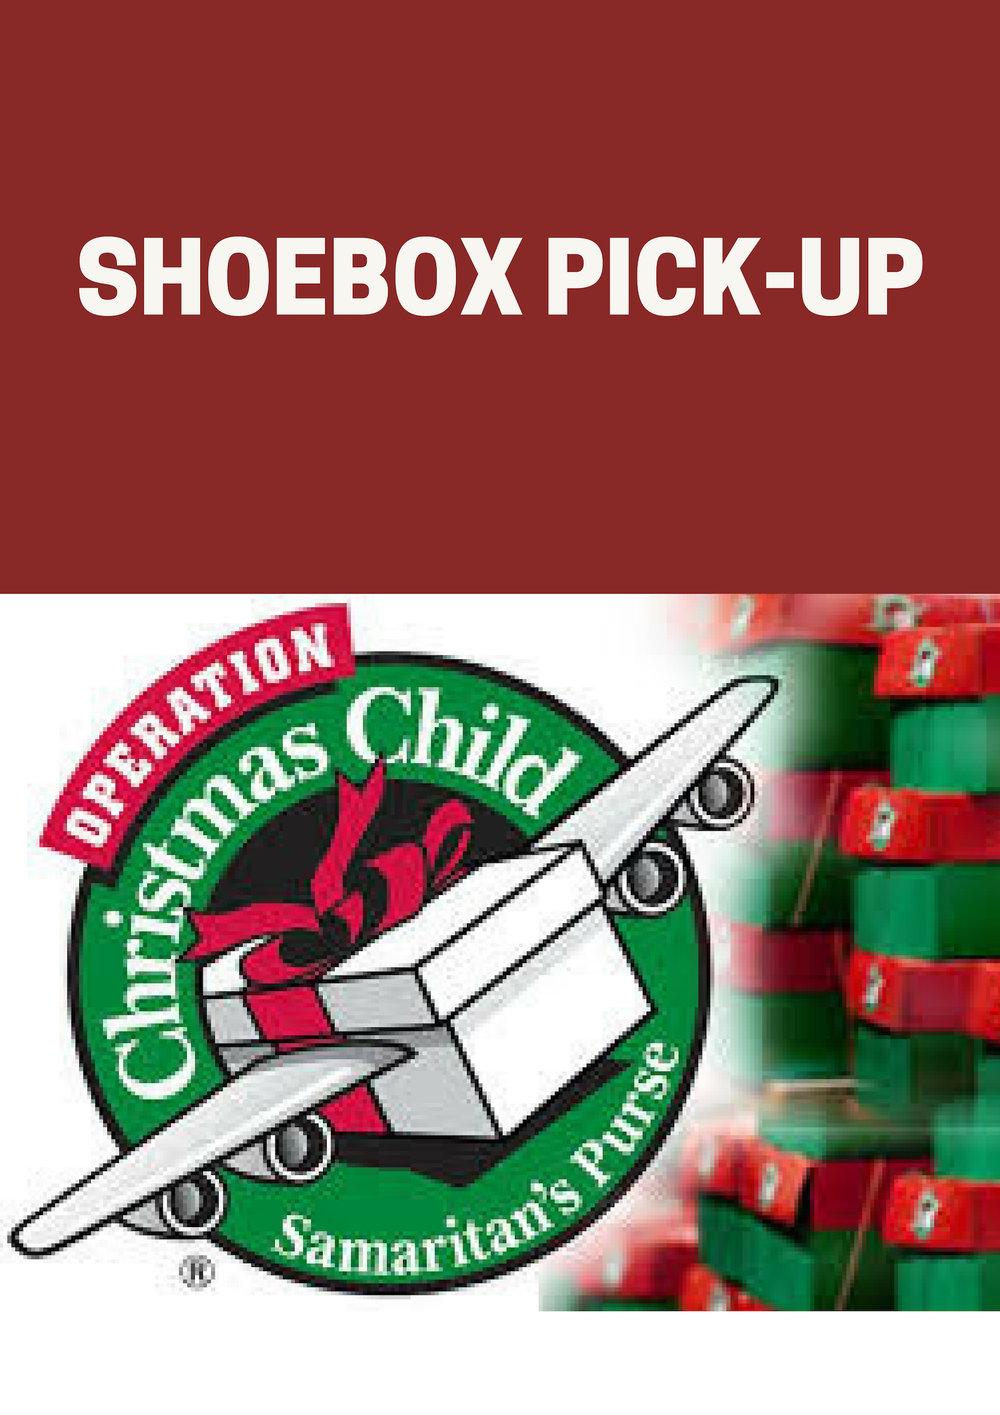 Operation Christmas Child Shoebox.Operation Christmas Child Shoebox Pick Up Grace Community